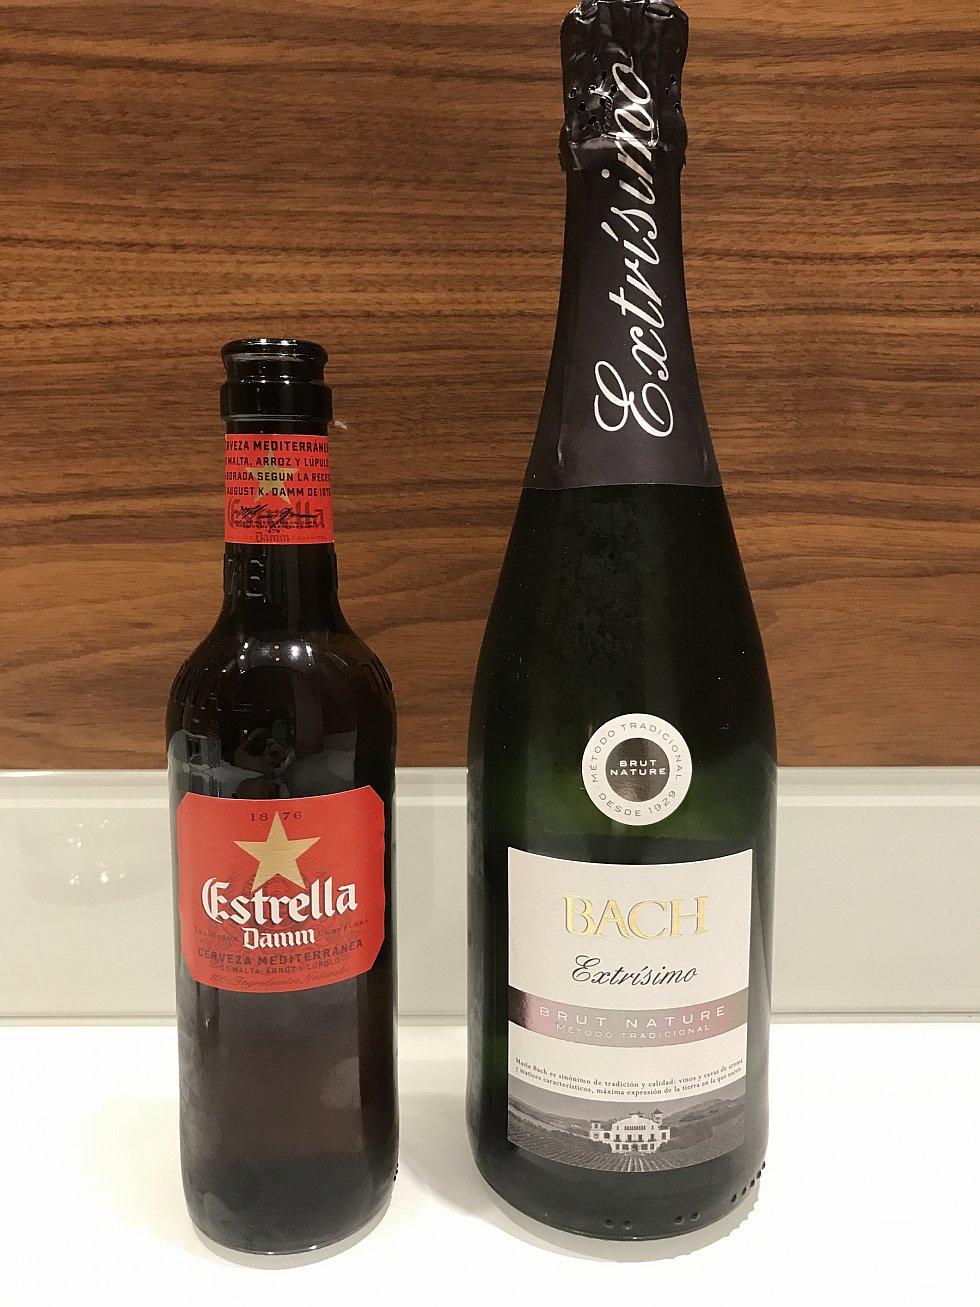 初日のバルセロナではスーパーで、エストレージャ(ビール)とカヴァを購入。たしか合わせて8ユーロくらいだったと。。。